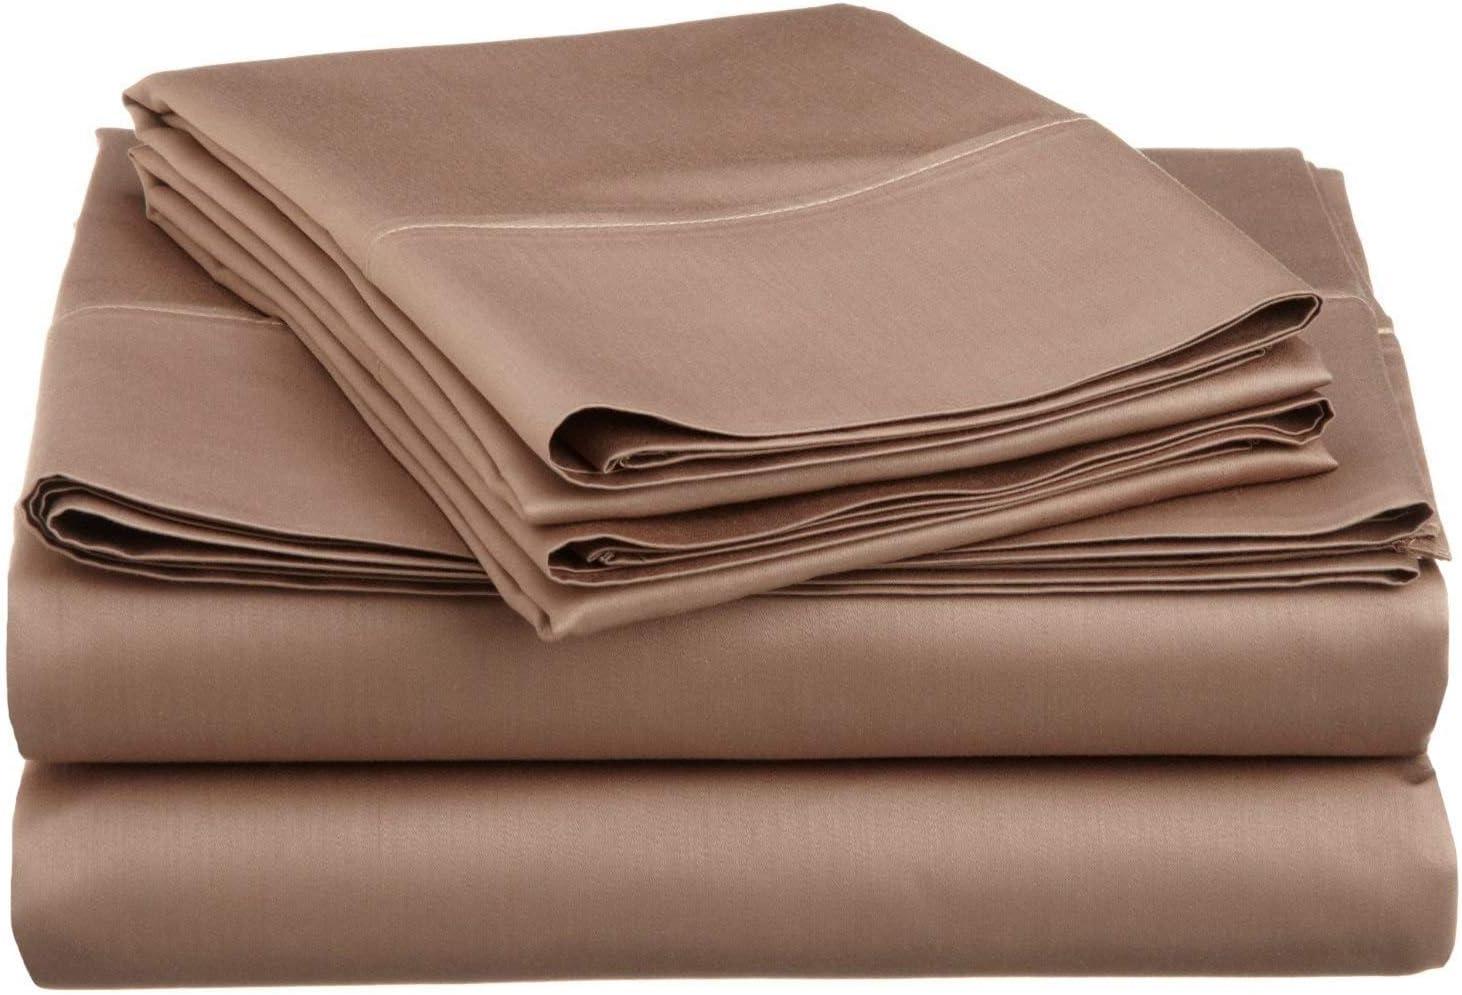 限定価格セール Cotton Bed Sheets-800 Thread Count-4Pcs Taupe Soli 送料無料 Set Sheet